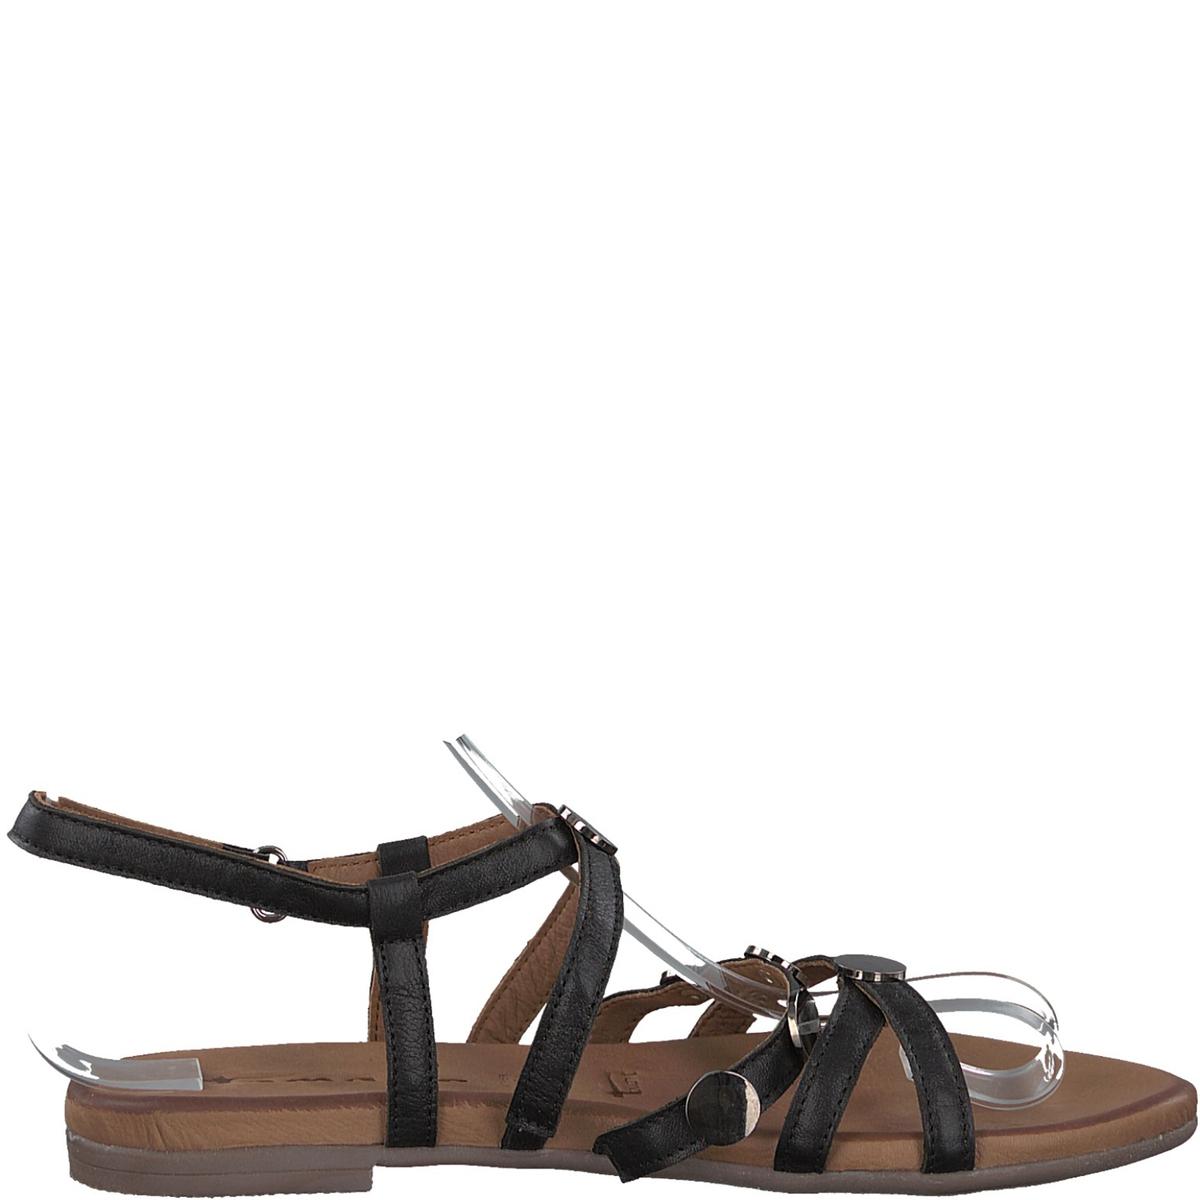 Сандалии кожаные 28138-38Верх : кожа   Подкладка : кожа  Стелька : кожа   Подошва : синтетика   Высота каблука : 1,5 см   Форма каблука : плоский каблук   Мысок : закругленный мысок   Застежка : планка-велкро<br><br>Цвет: черный